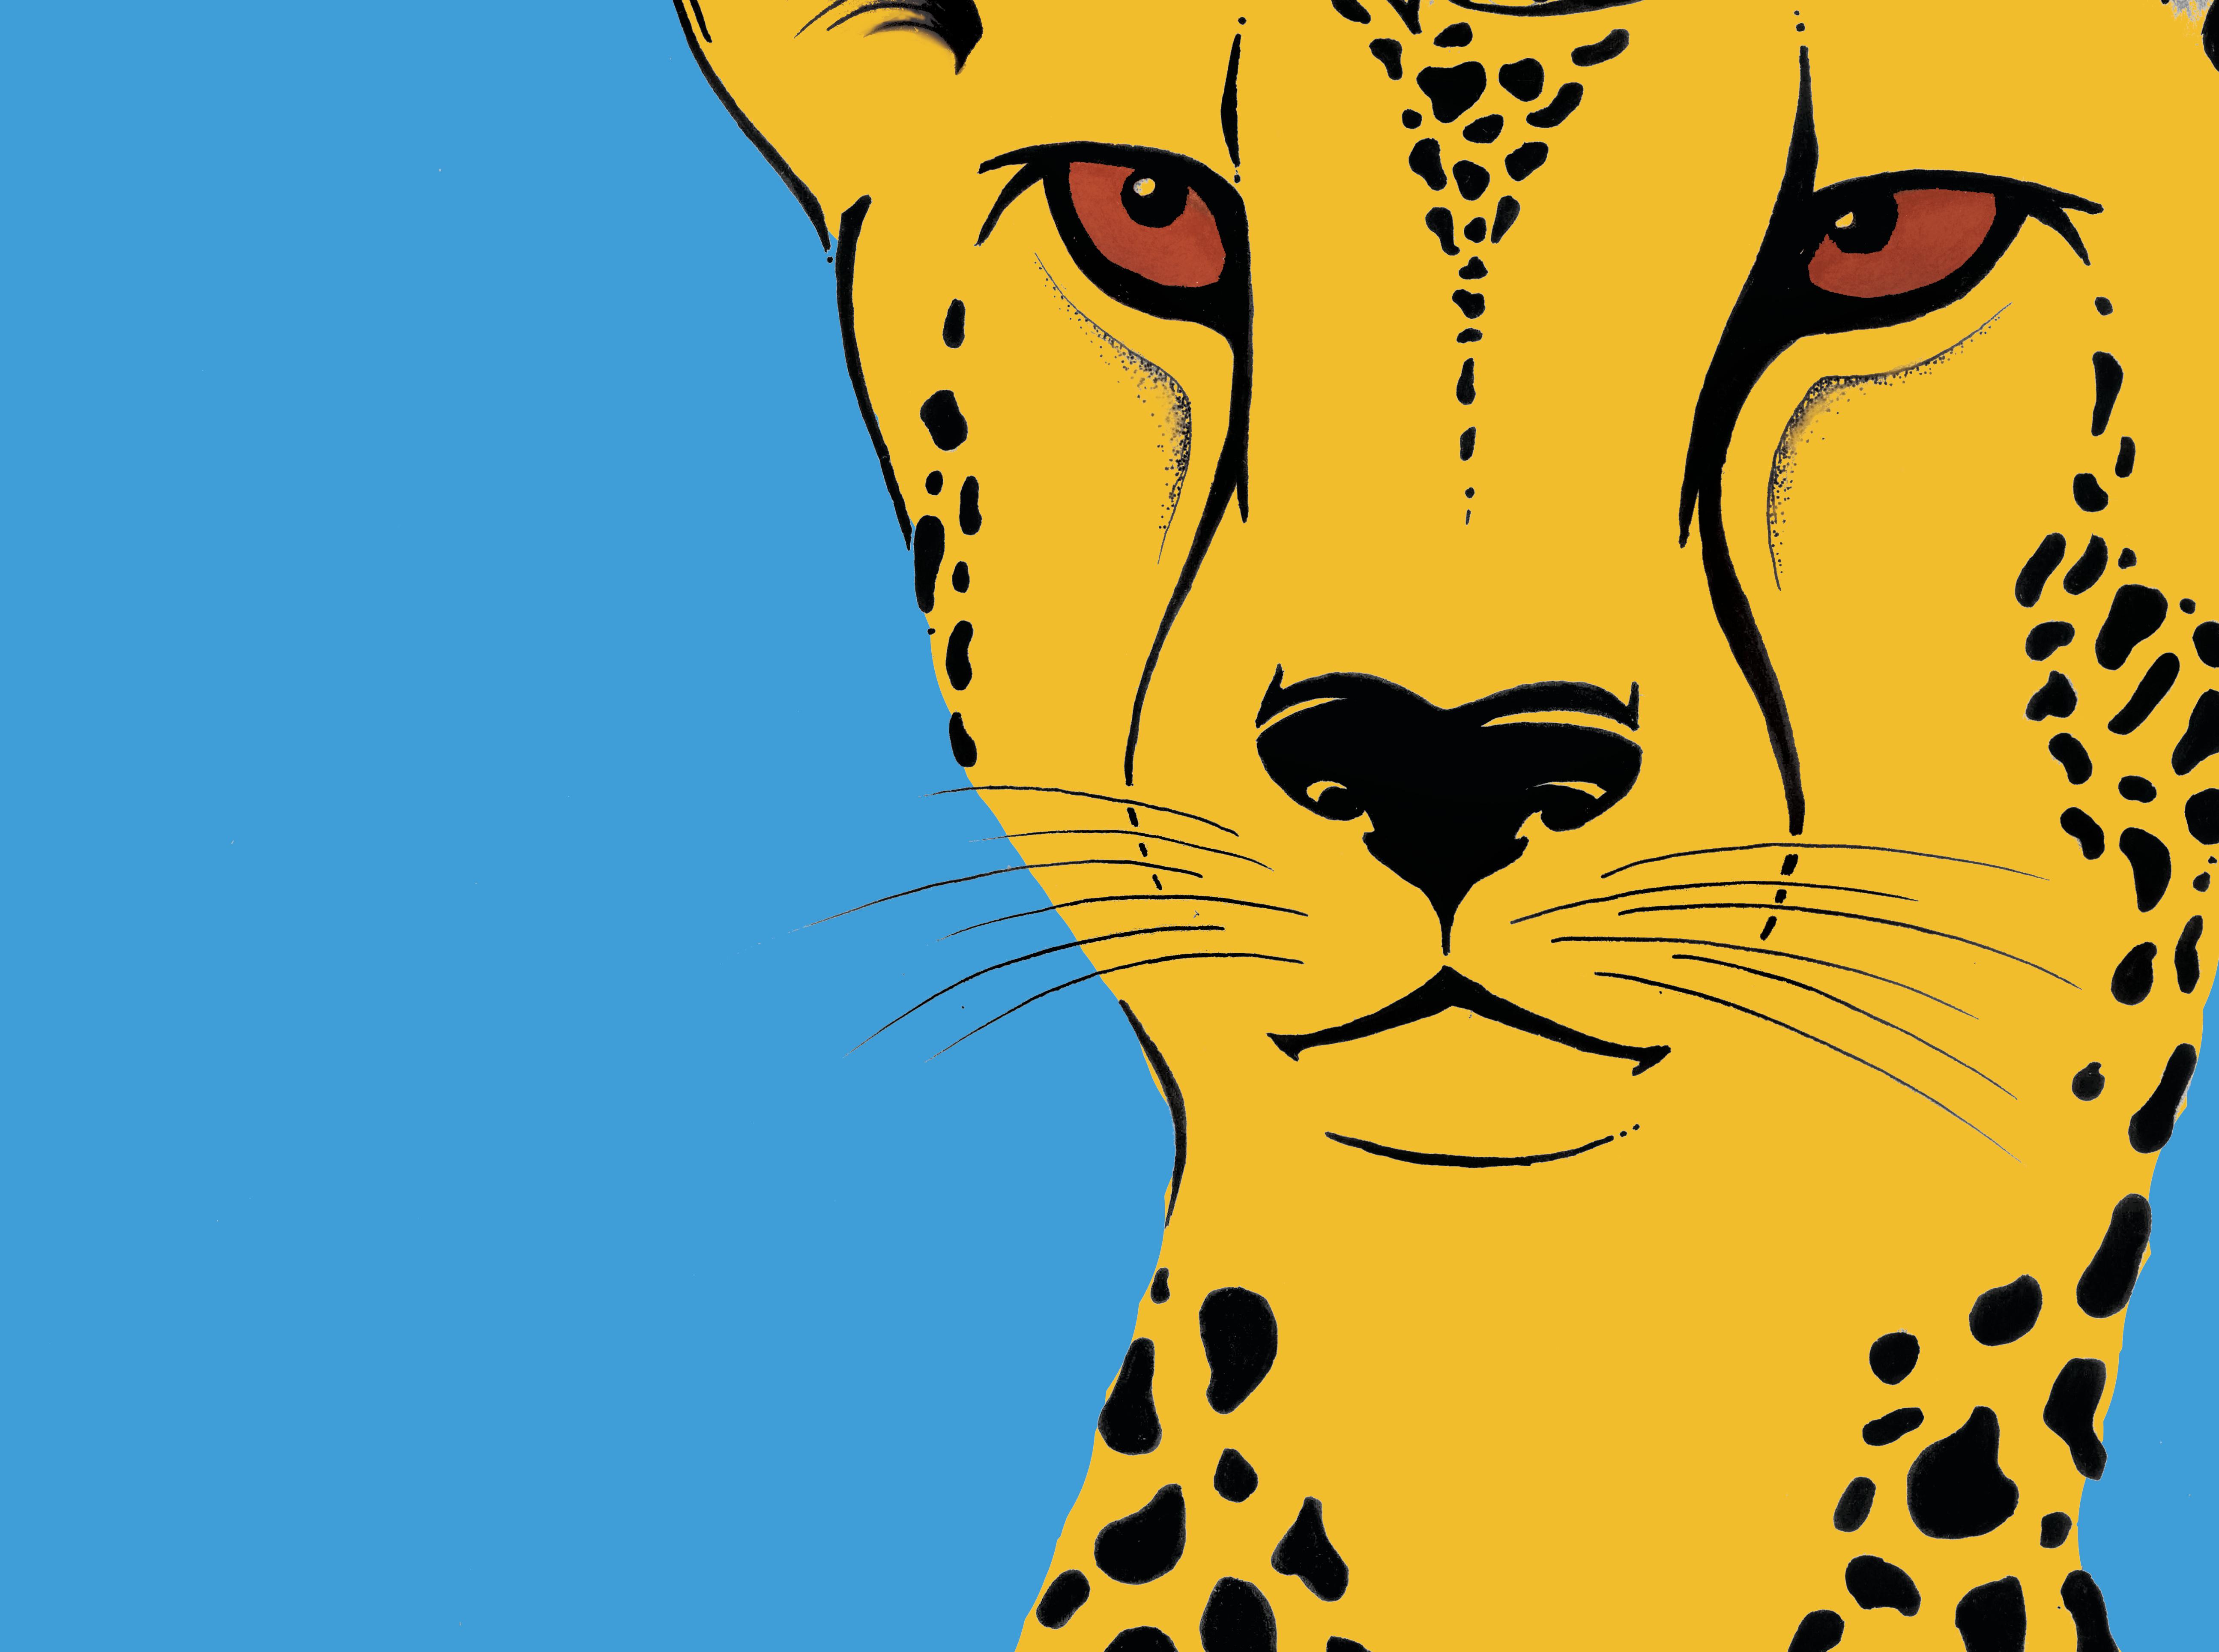 Cheetah face in colour